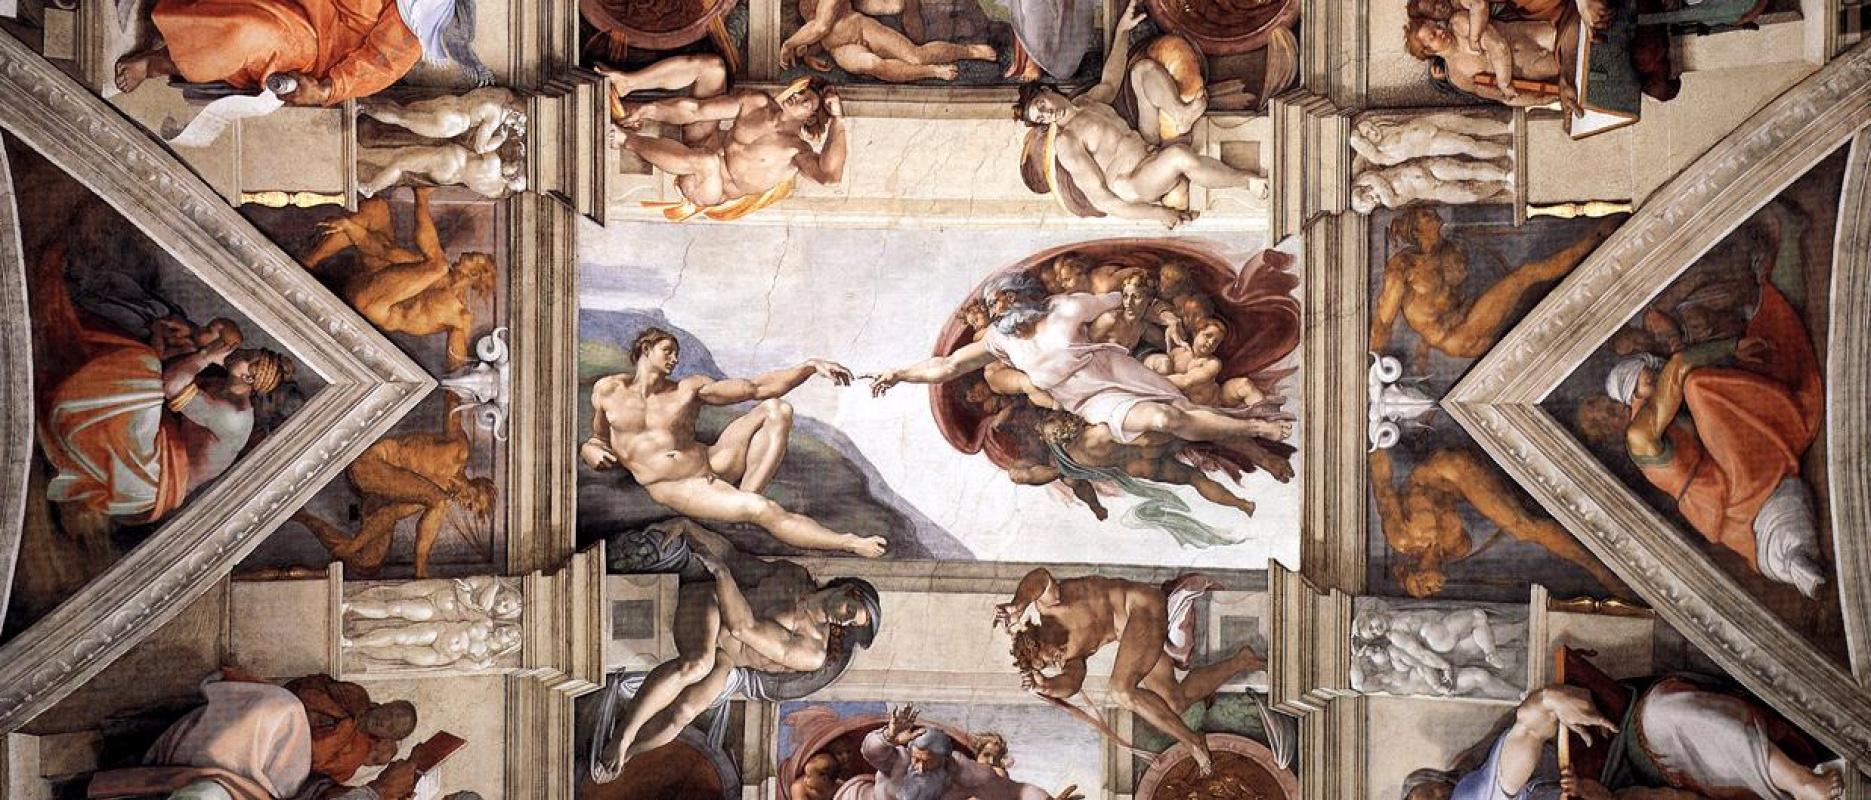 Микеланджело Буонарроти. Потолок Сикстинской капеллы